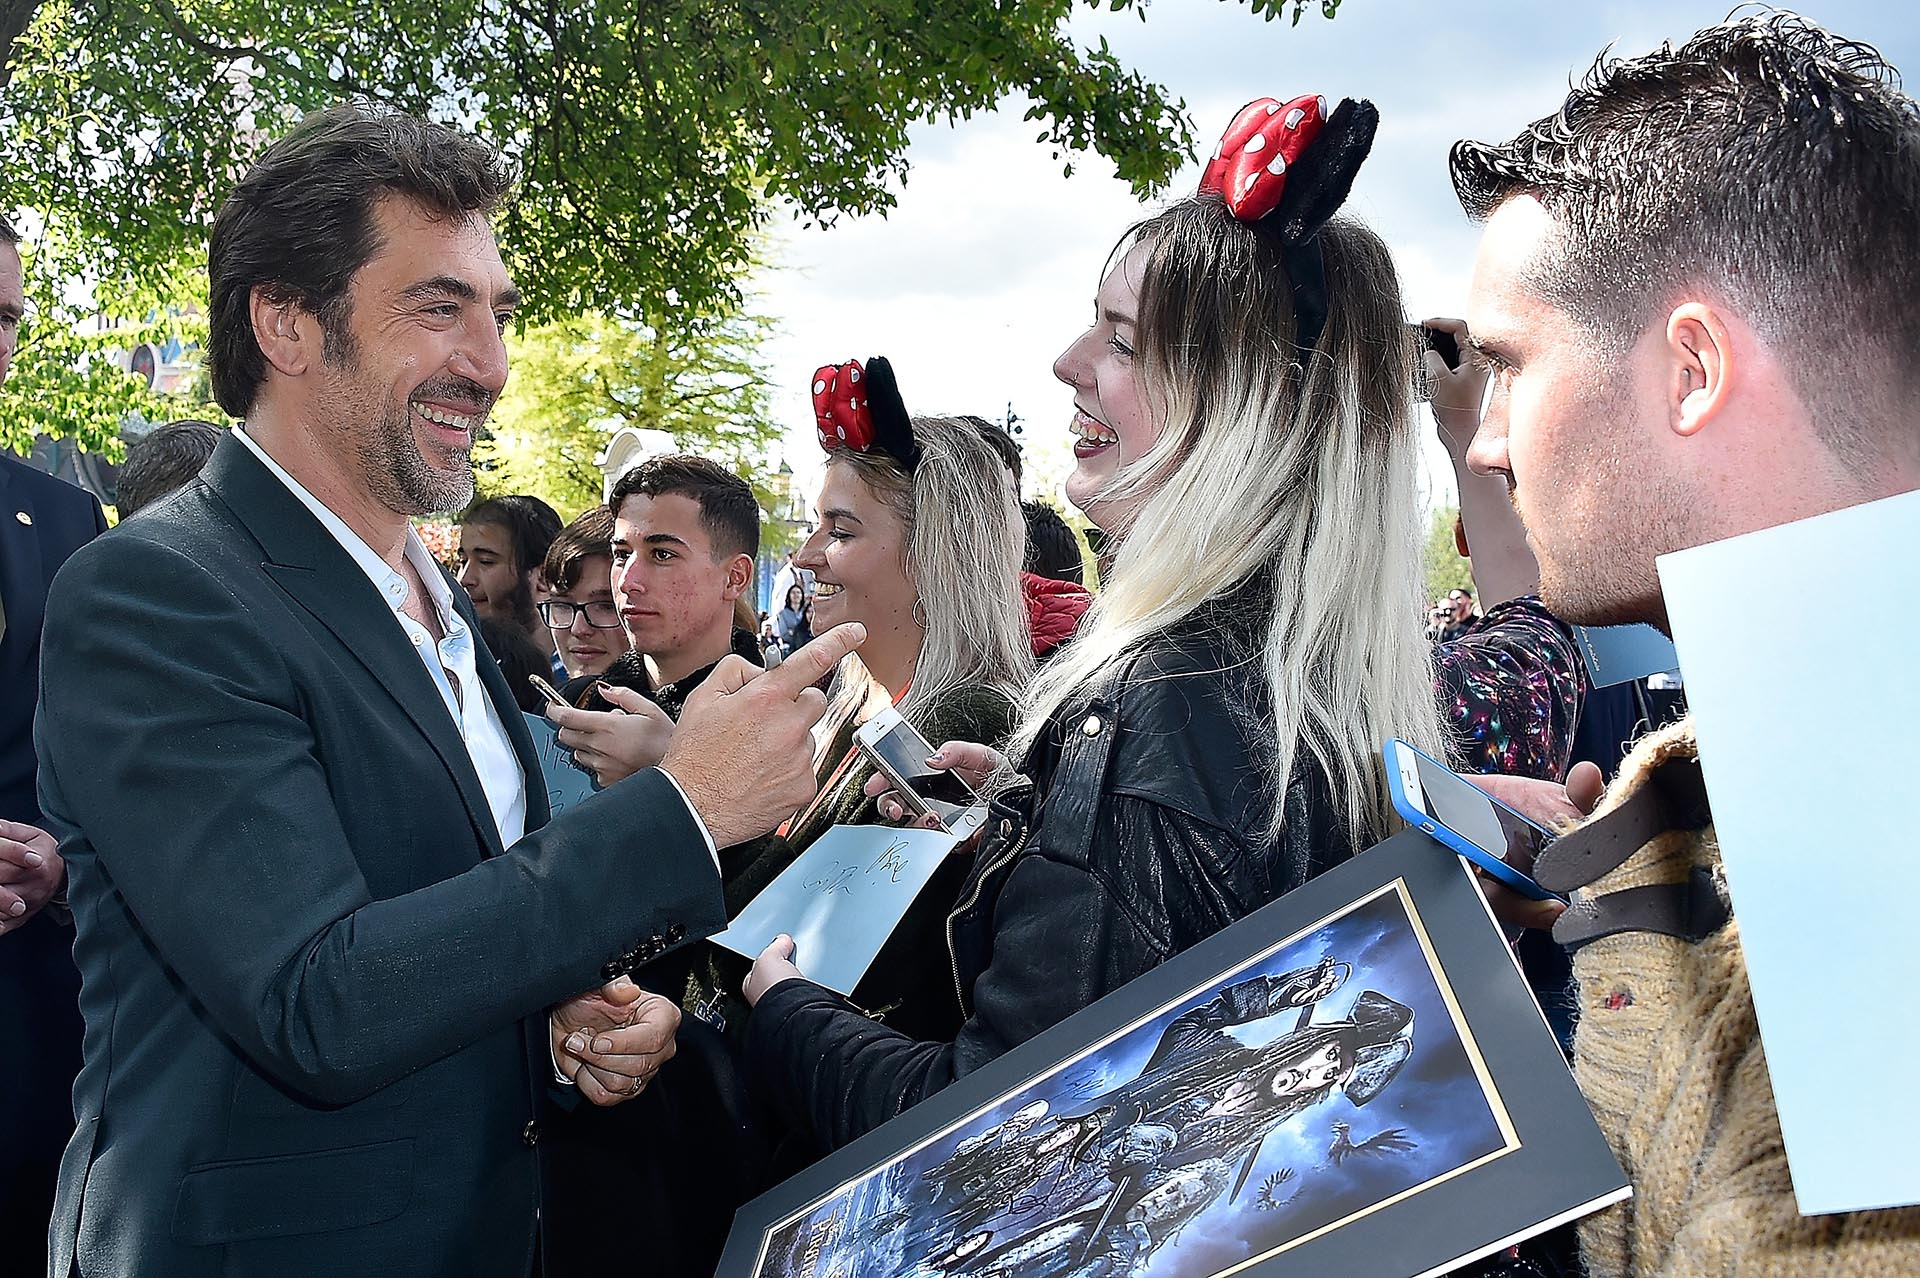 Javier Bardem se divirtió con sus seguidores, se tomó fotografías y hasta firmó autógrafos